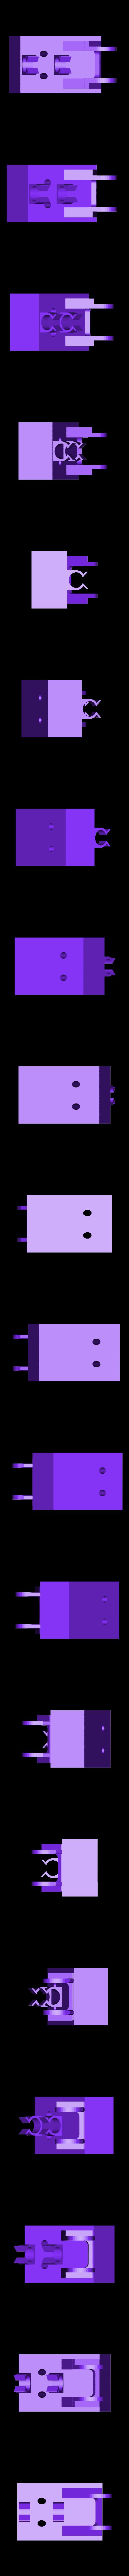 Ender_2_cable_chain-X-axis_Z-rod.stl Télécharger fichier STL gratuit Chaîne de câble Creality Ender 2 • Modèle pour imprimante 3D, pgraaff